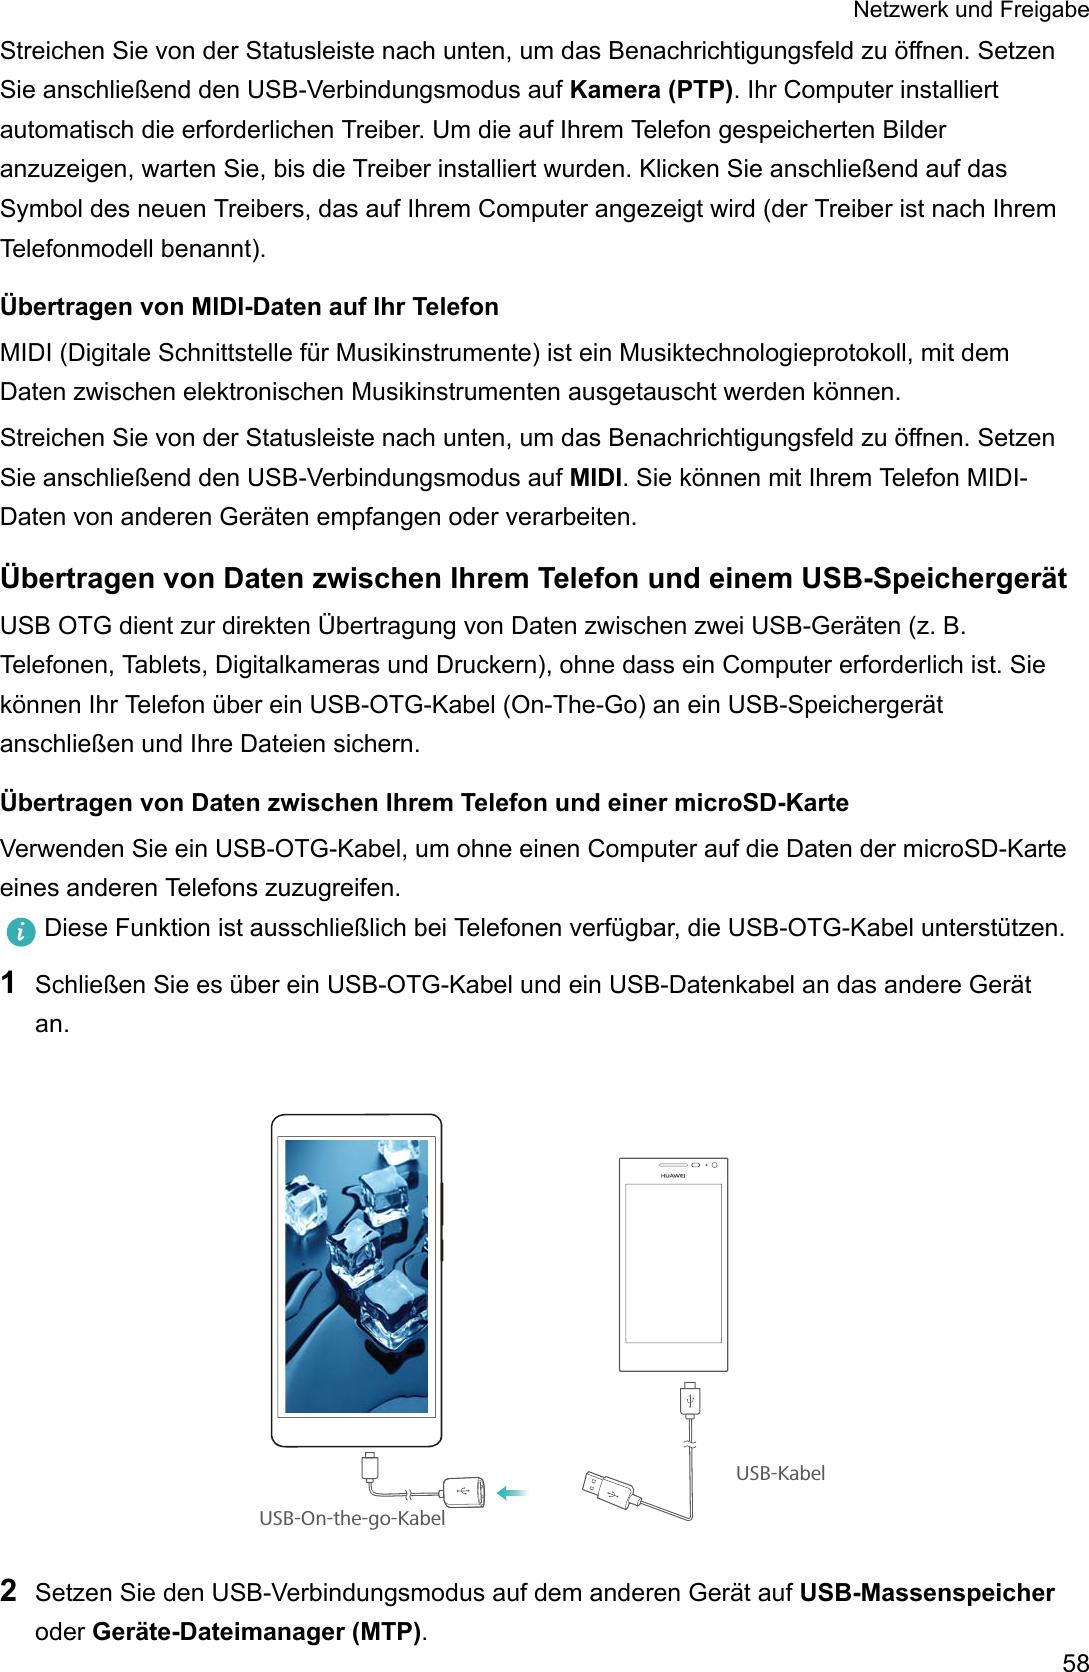 Ungewöhnlich Symbole Und Funktionen Elektronischer Geräte Galerie ...